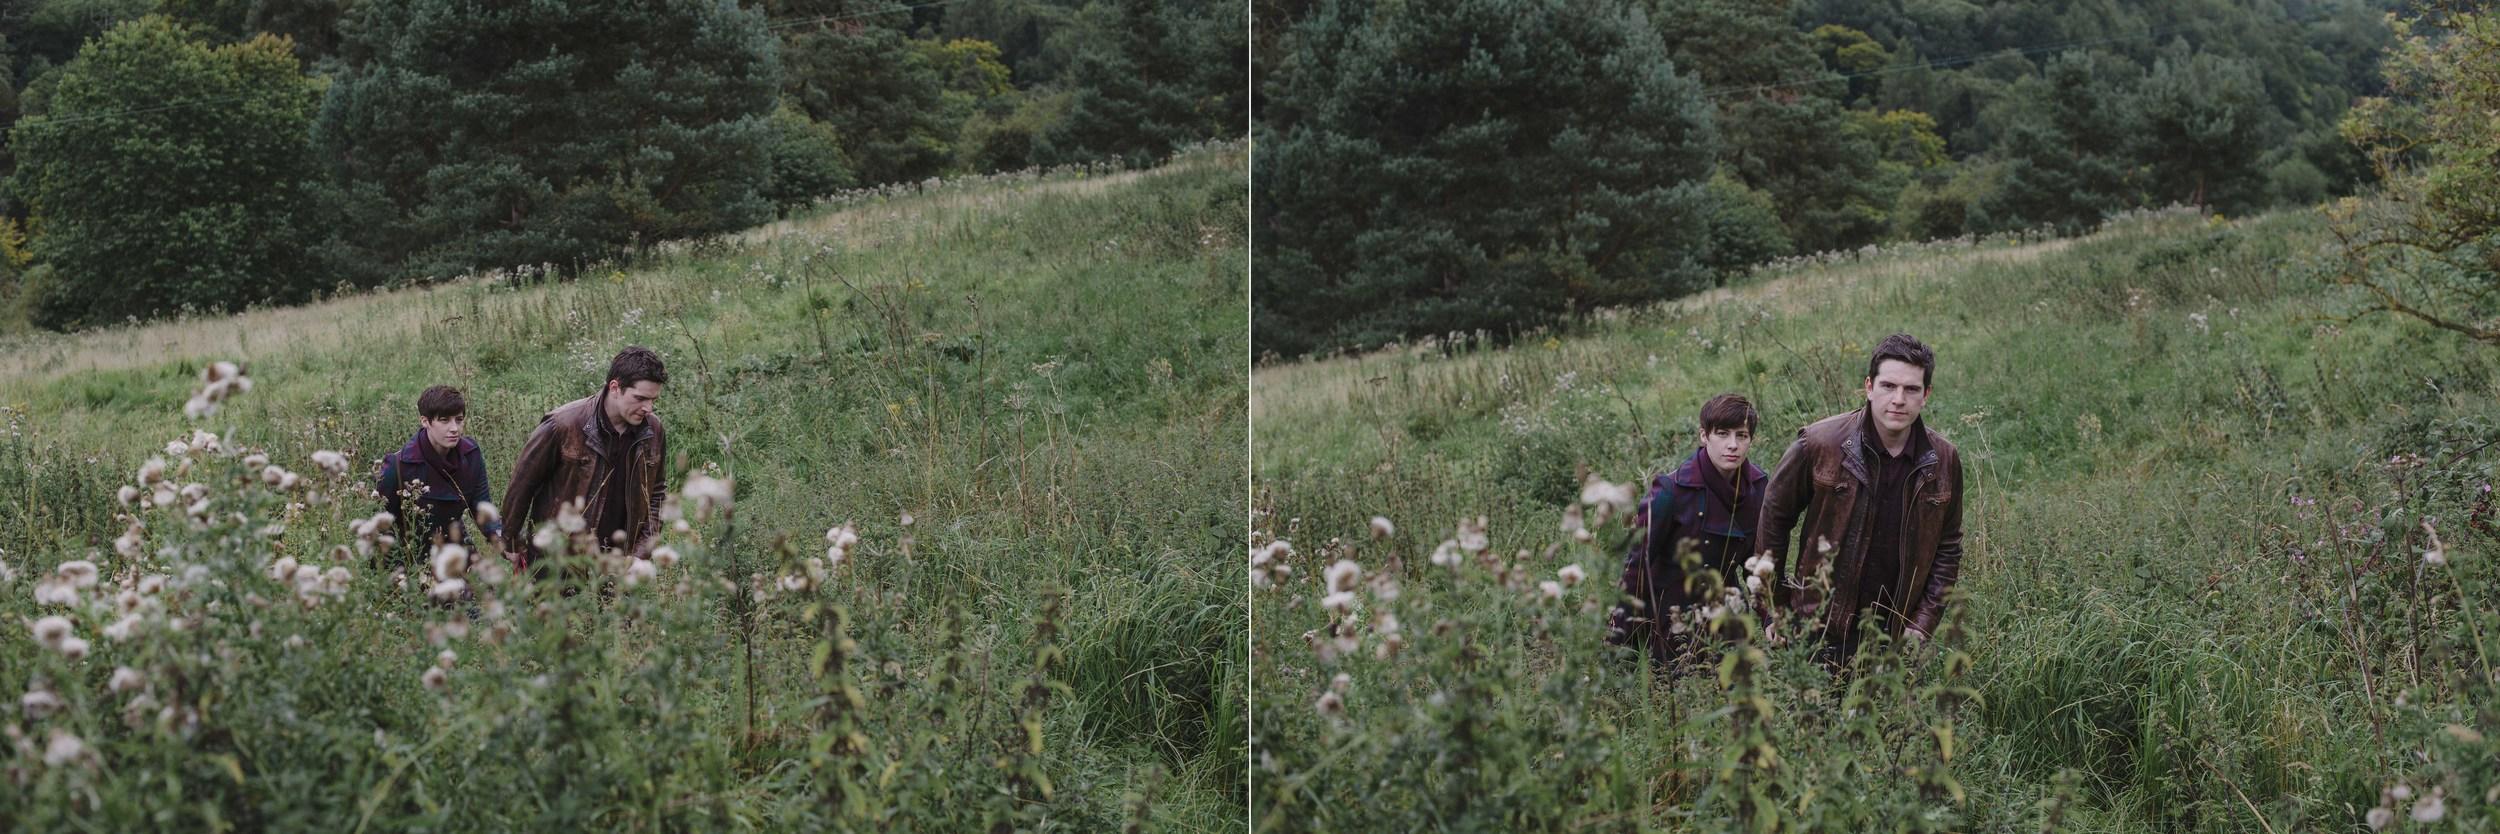 Roslin Glen Engagement Shoot26.jpg